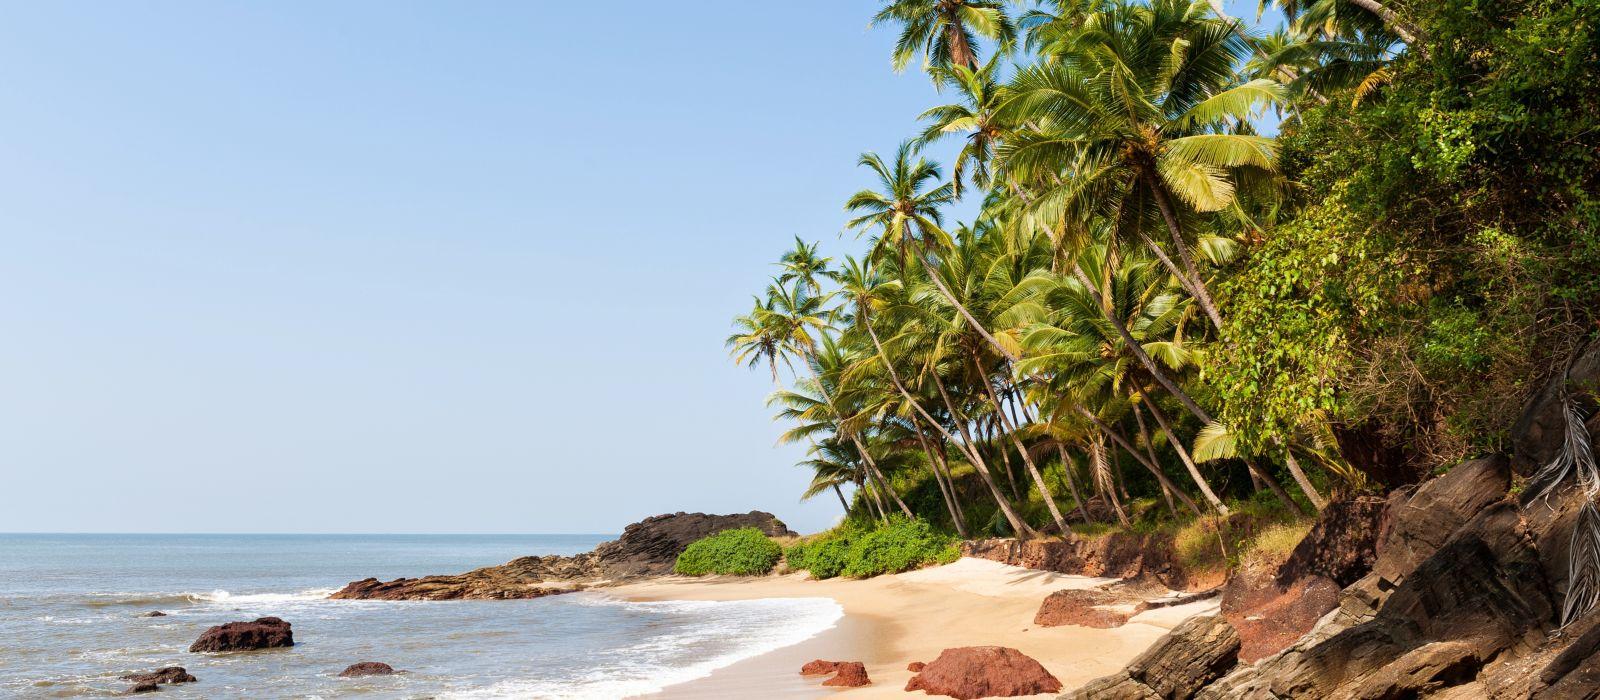 Indien: Goldenes Dreieck & Goa Urlaub Urlaub 1